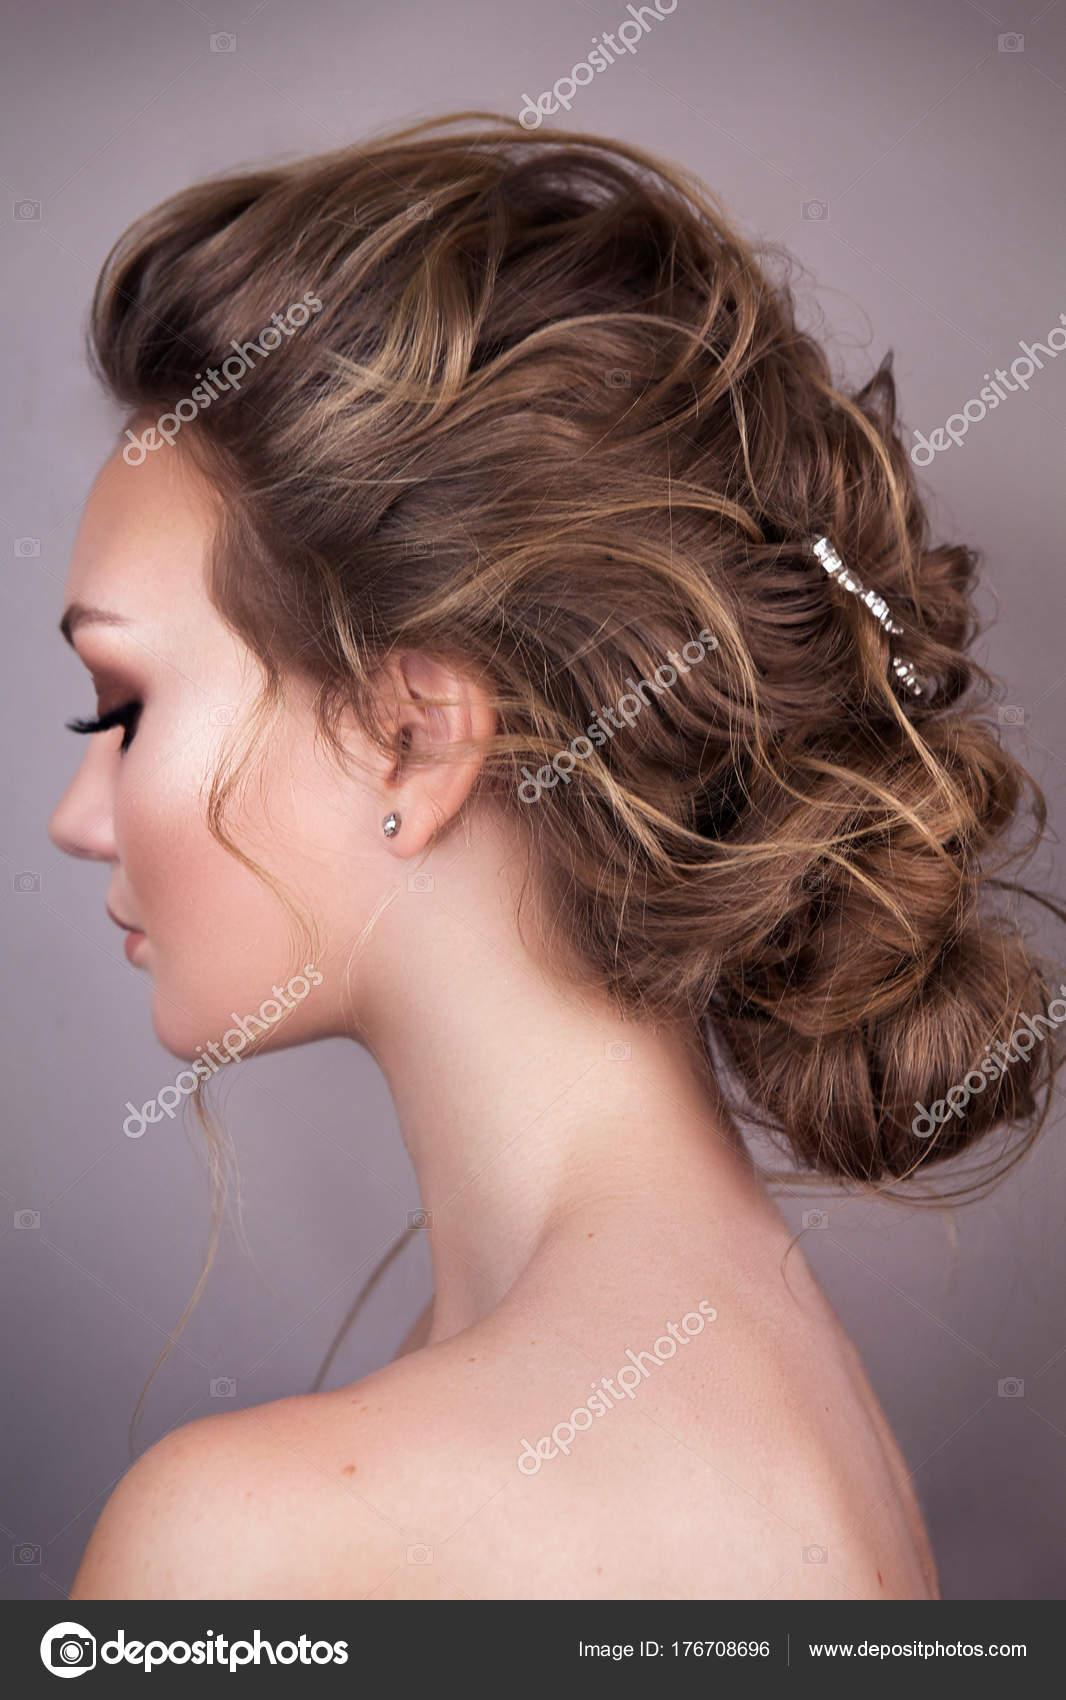 Modell Blonde Frau Mit Perfekten Frisur Und Kreative Haar